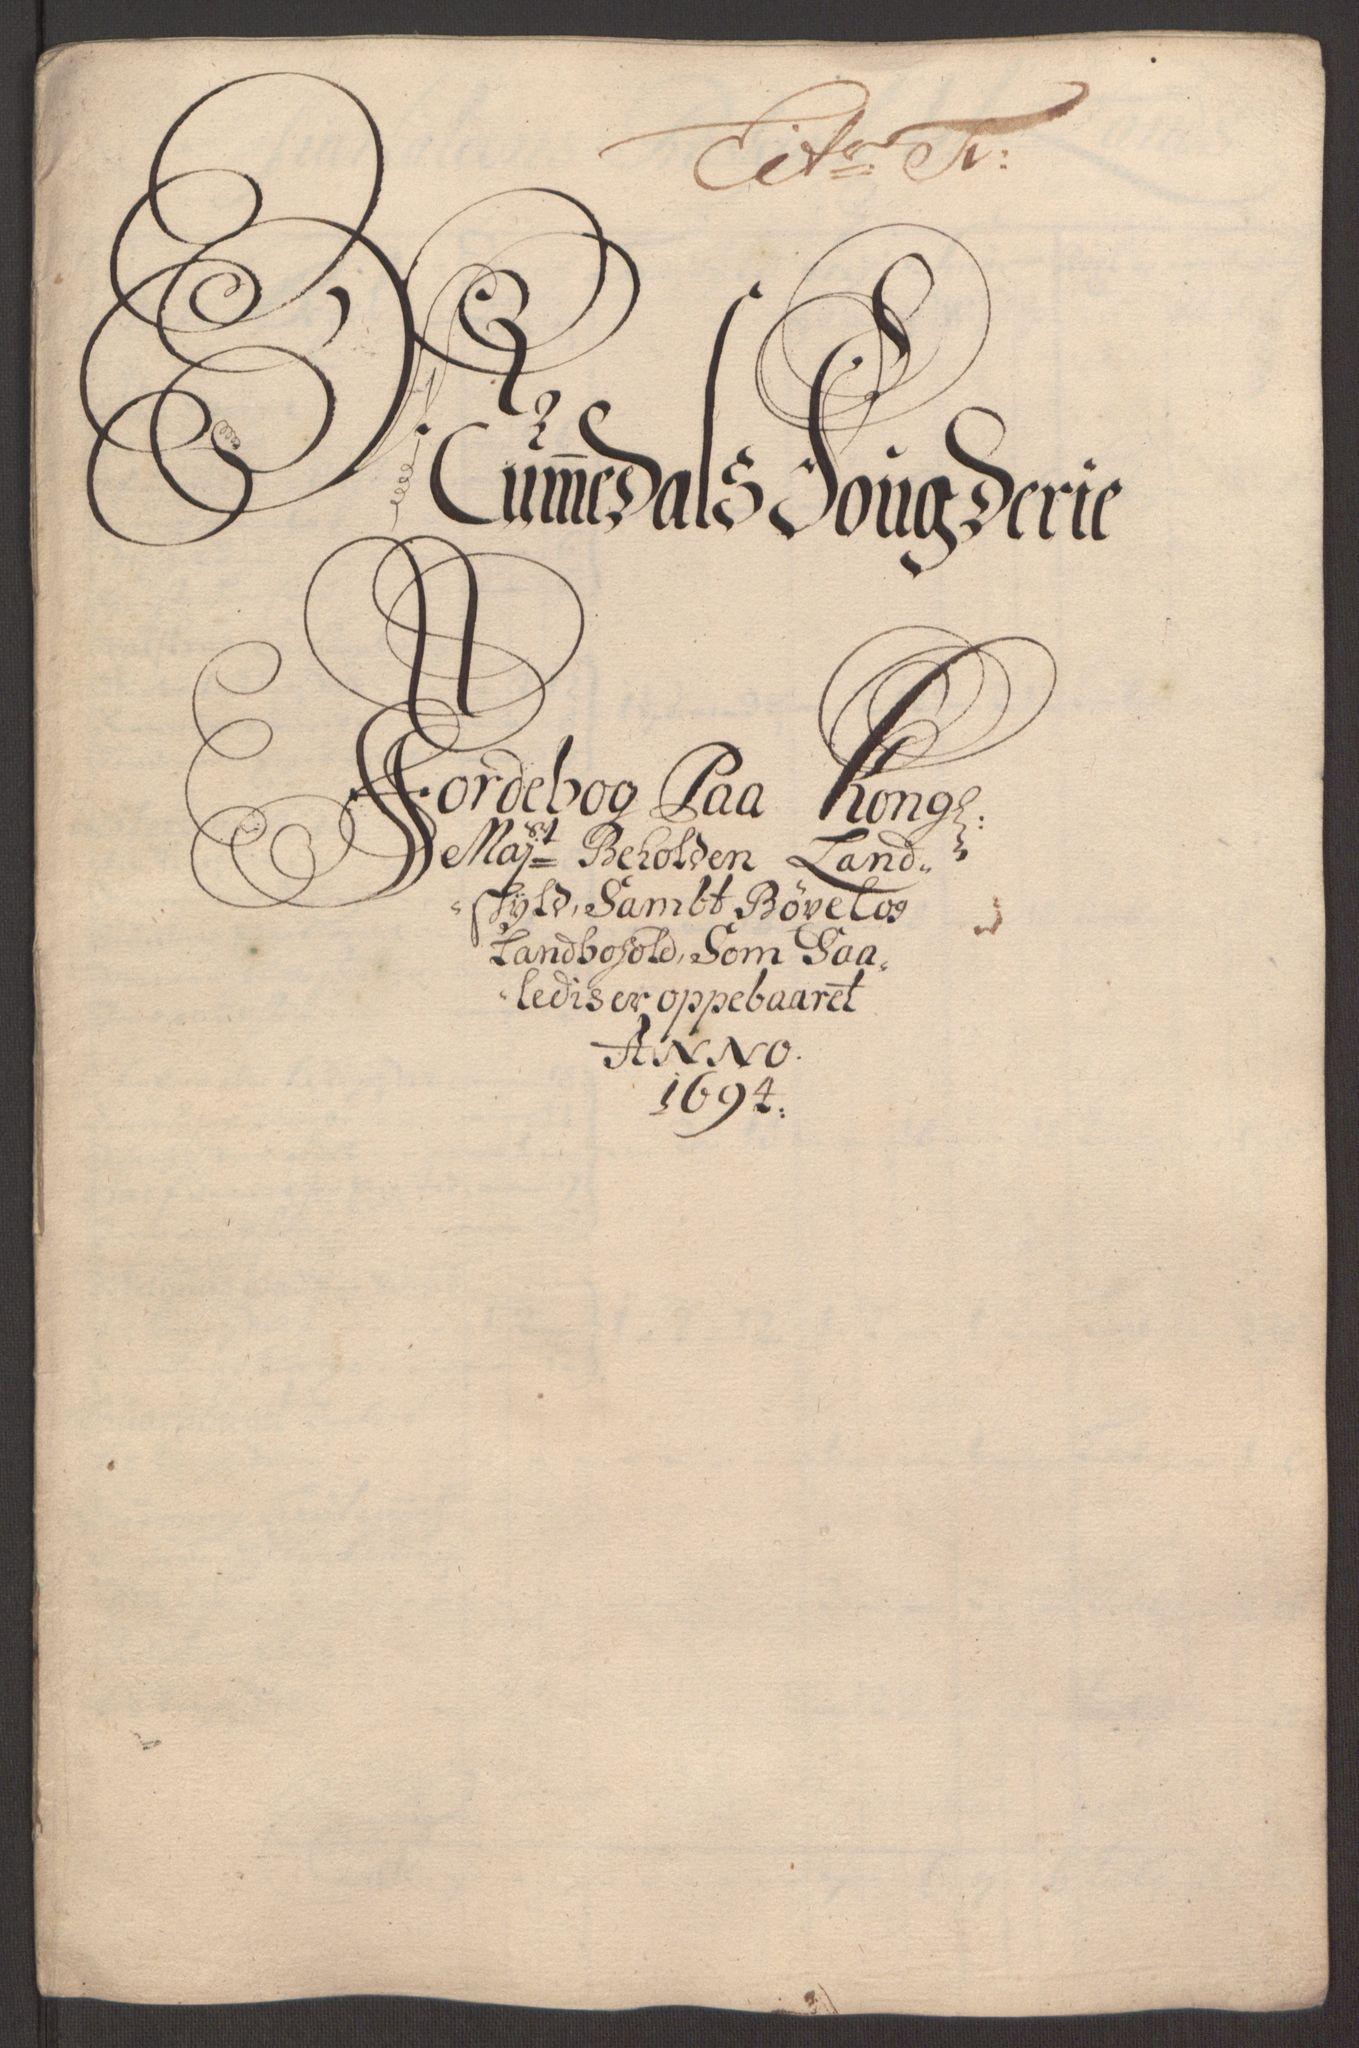 RA, Rentekammeret inntil 1814, Reviderte regnskaper, Fogderegnskap, R64/L4424: Fogderegnskap Namdal, 1692-1695, s. 370